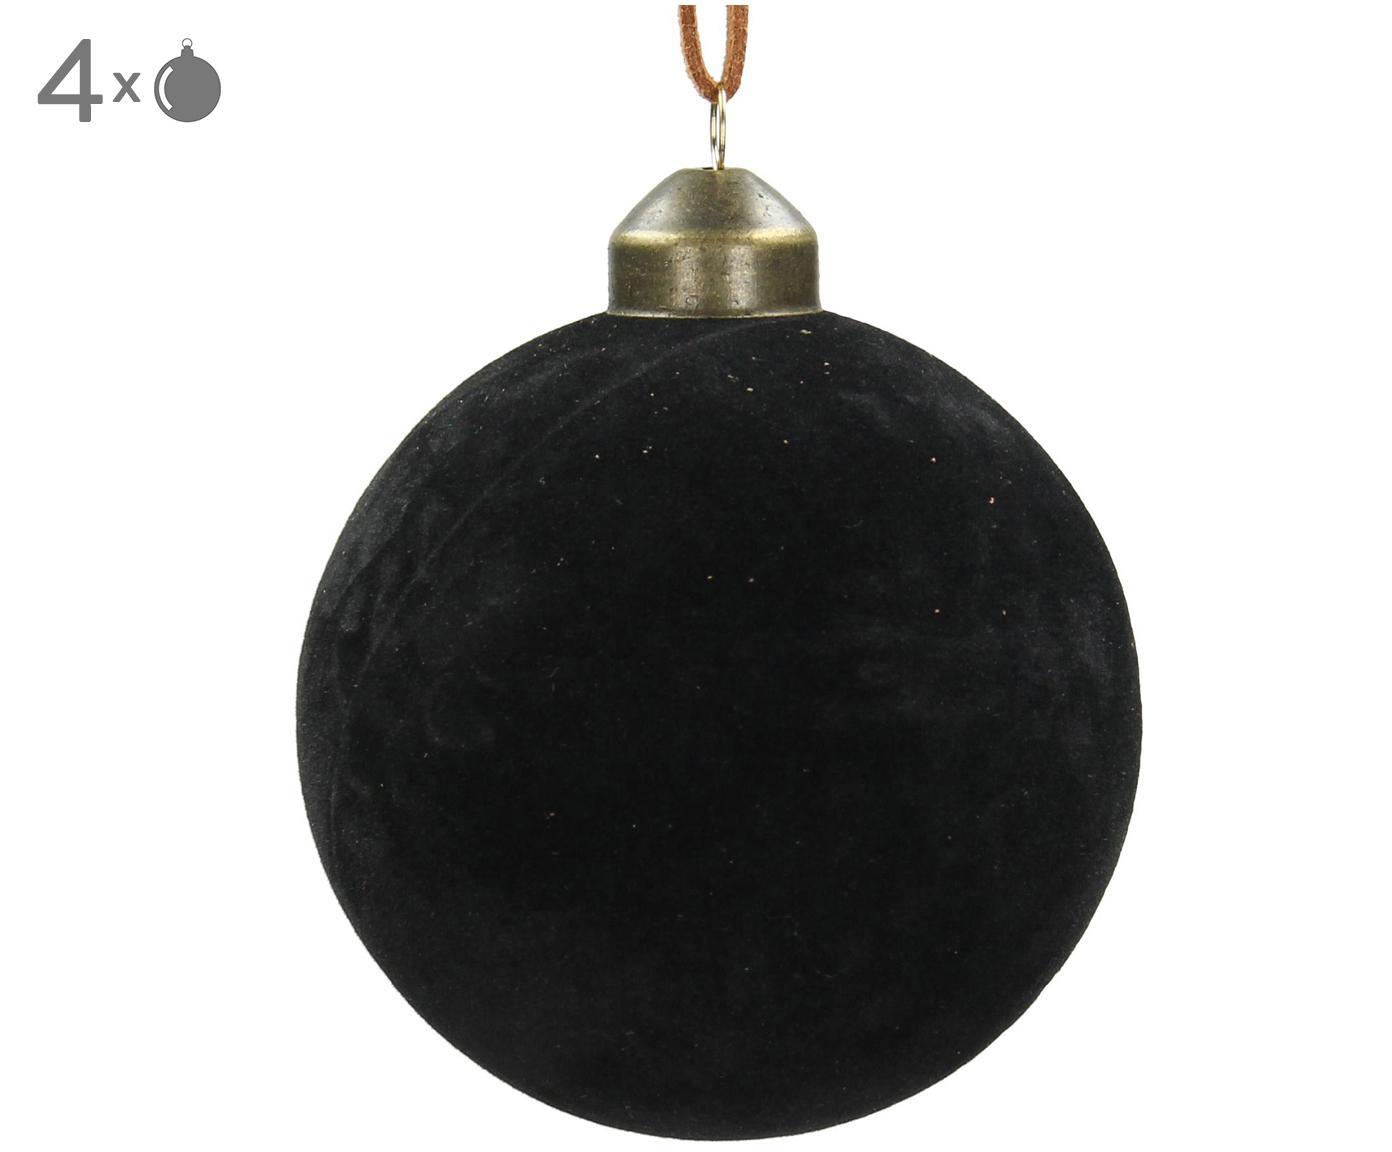 Palla di Natale Velvet, 4 pz., Vetro, velluto di poliestere, Nero, Ø 8 cm